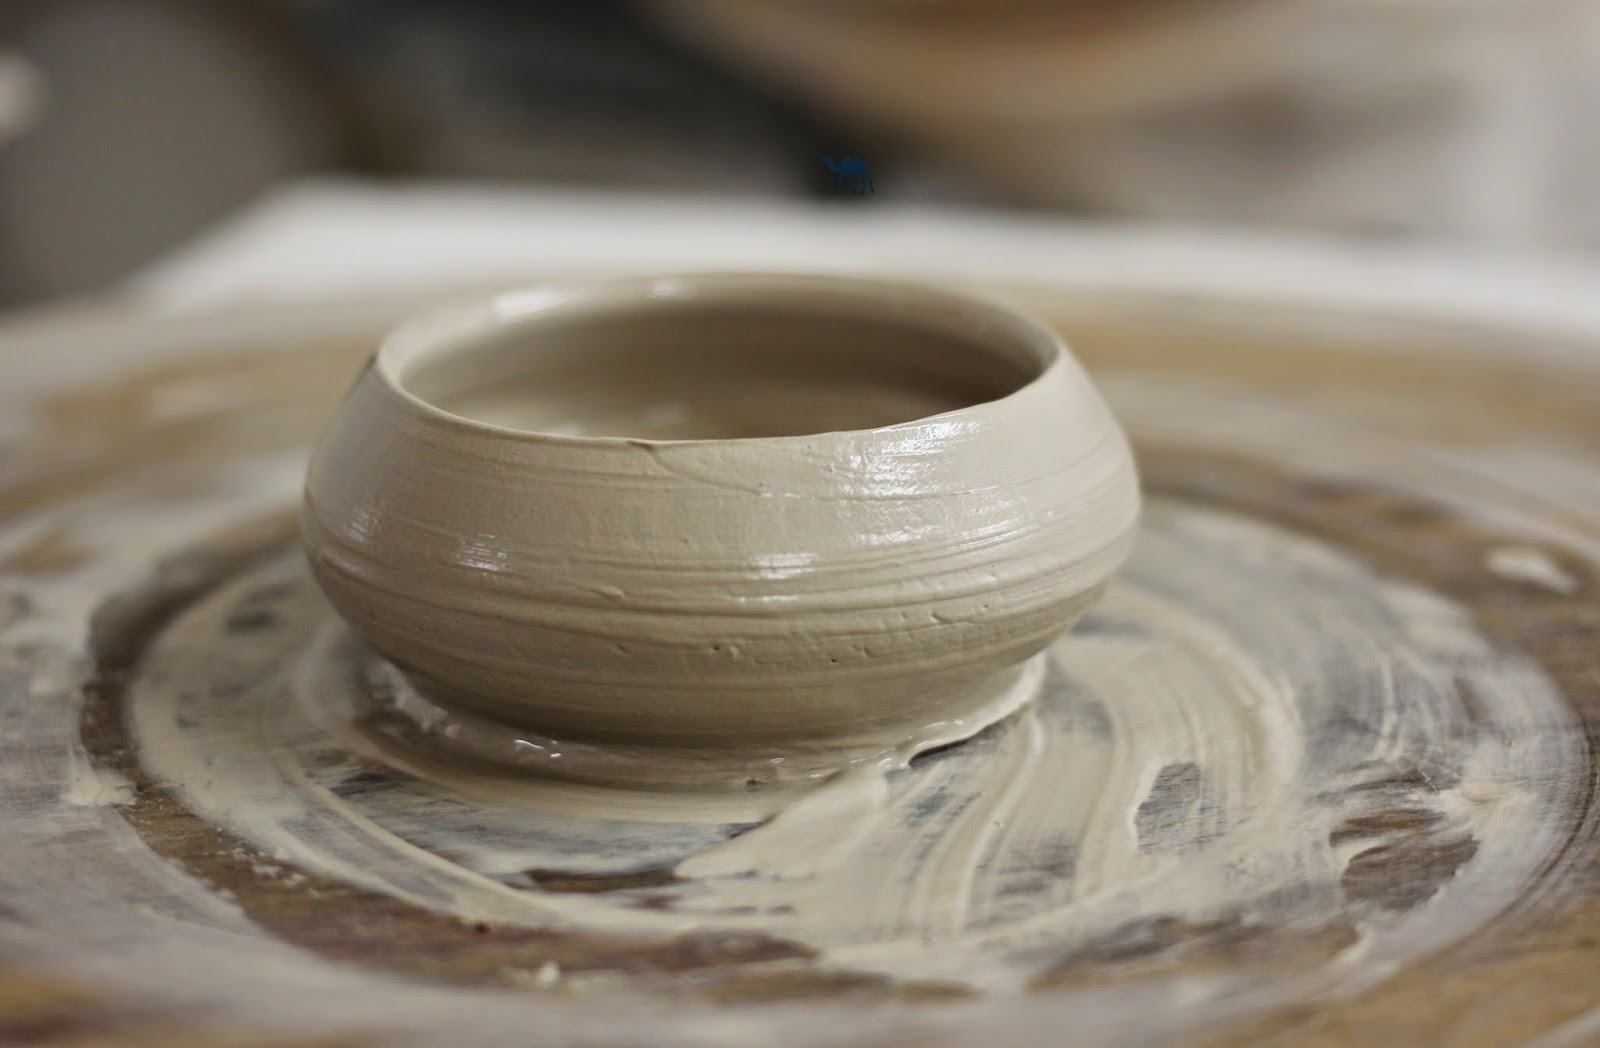 Chameau Bleau - Atelier de Poterie/Céramique en Bretagne